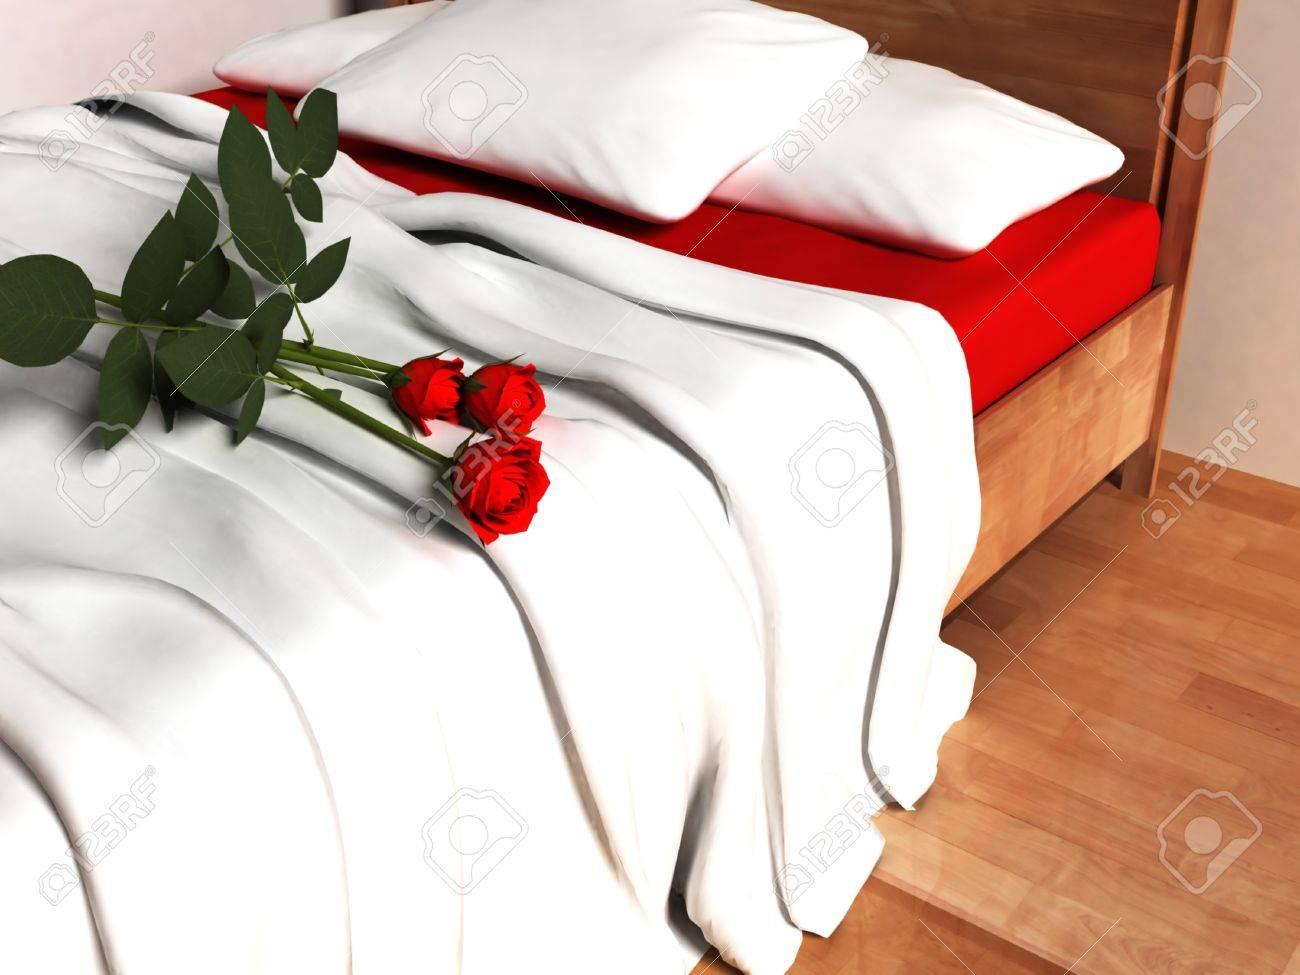 Красивые розы на кровати фото 516-425